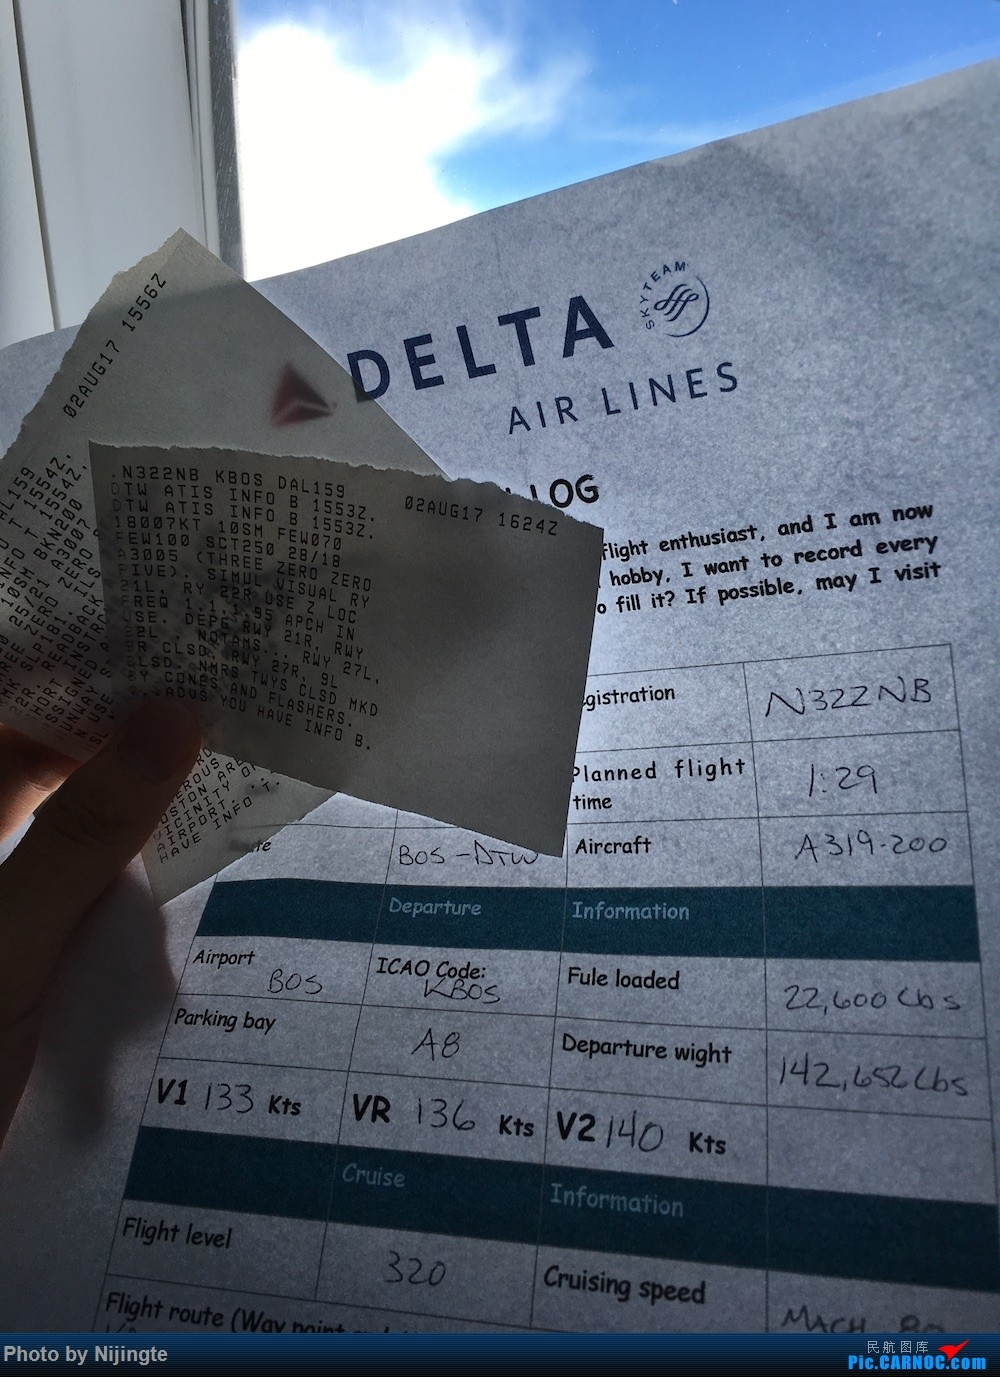 Re:[原创]五年后完成心中愿望 Delta 又惊又喜 暑假北美行 达美老爷机+新内饰 拖延 下集